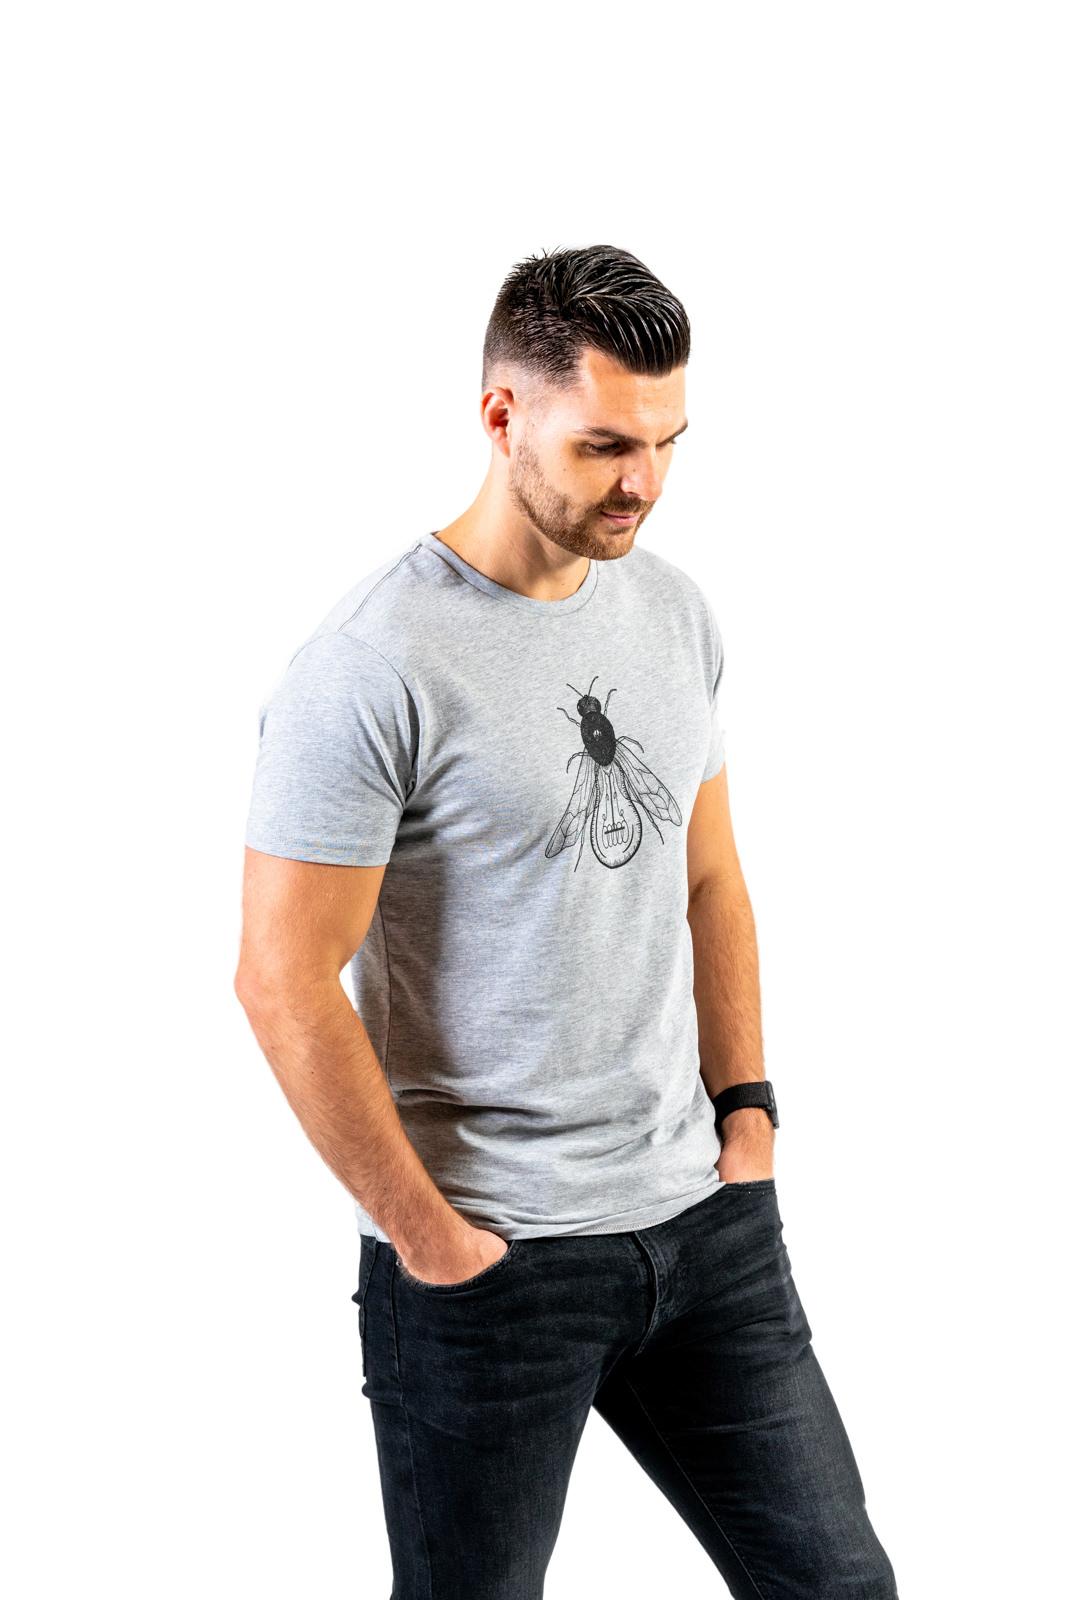 FLY organic heren t-shirt from PapajaRocks